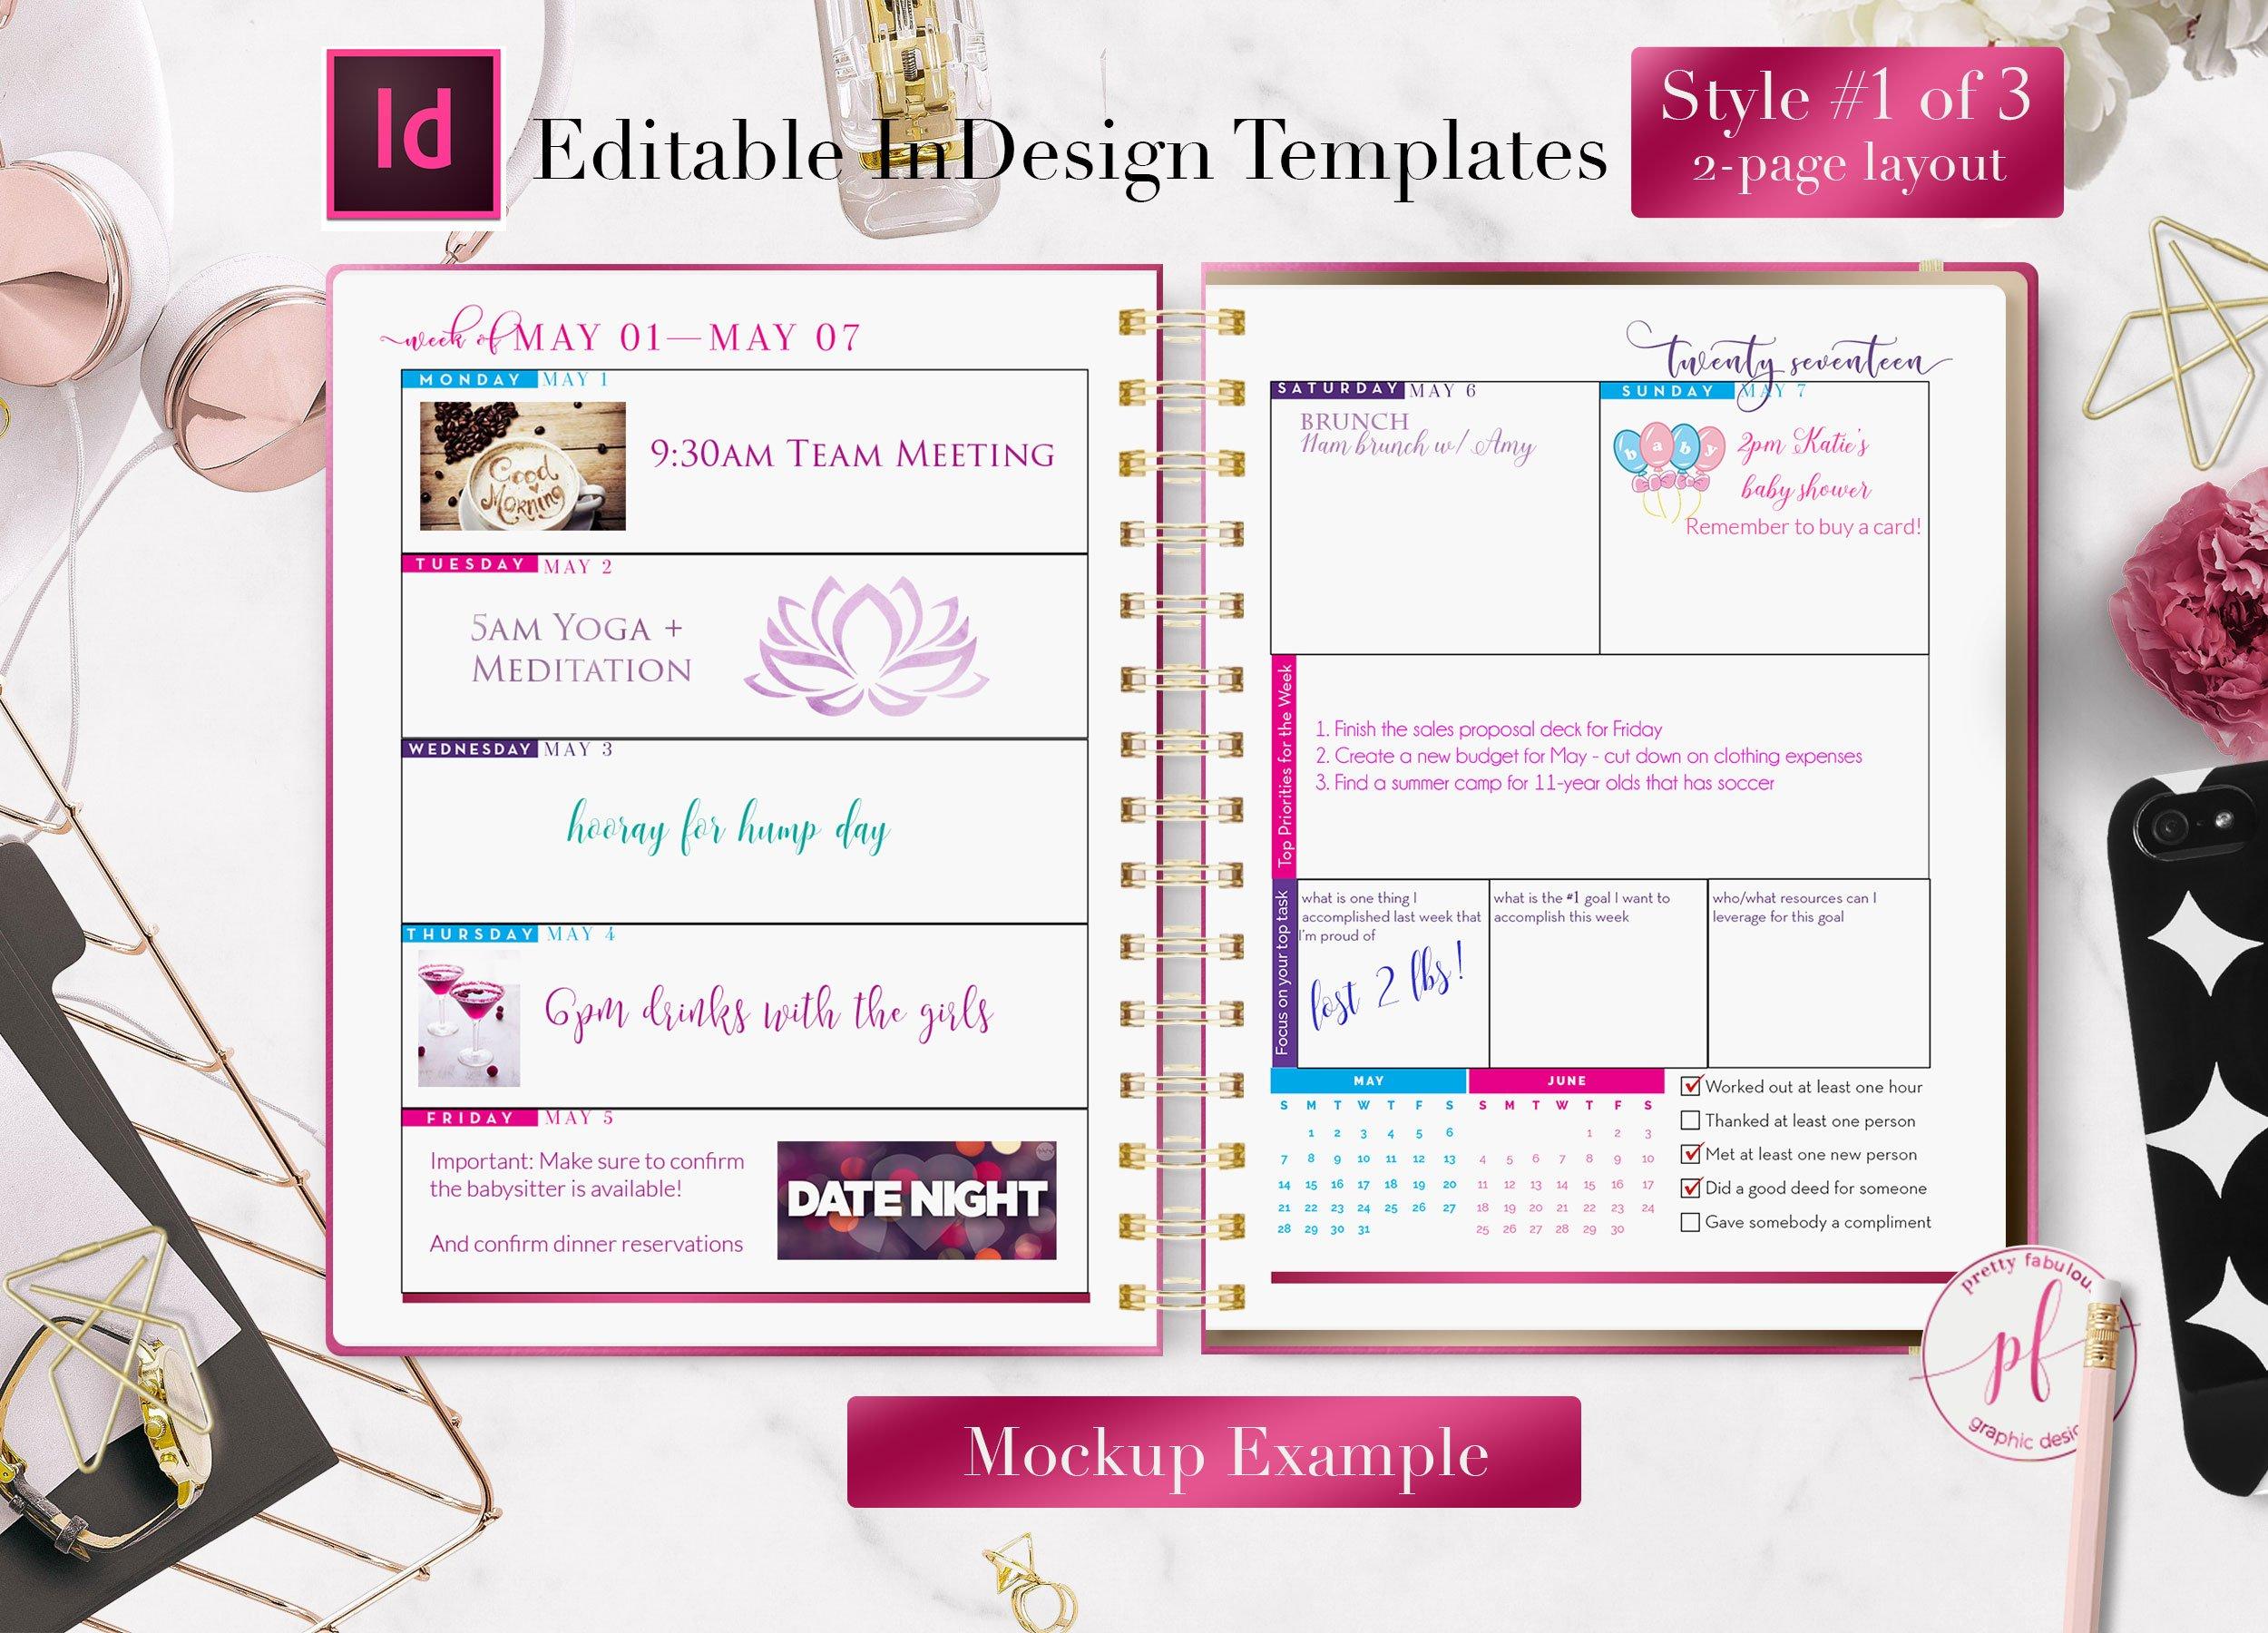 Weekly Calendar Indesign Template : Weekly calendar indesign template stationery templates